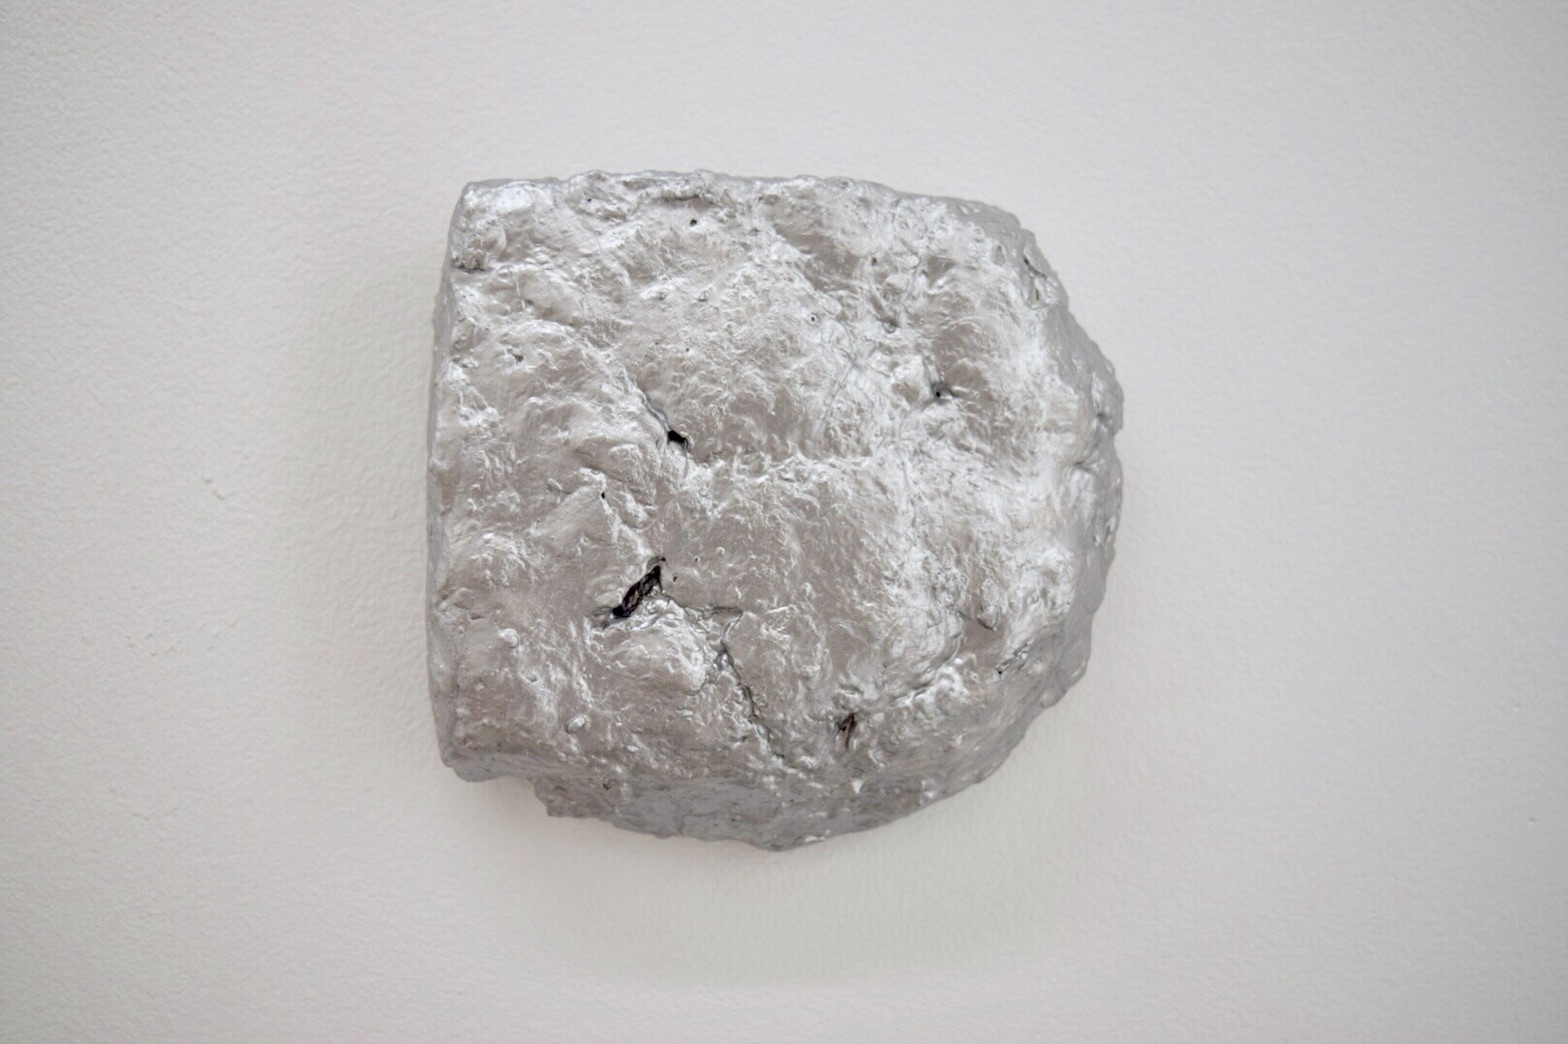 Silver deblis